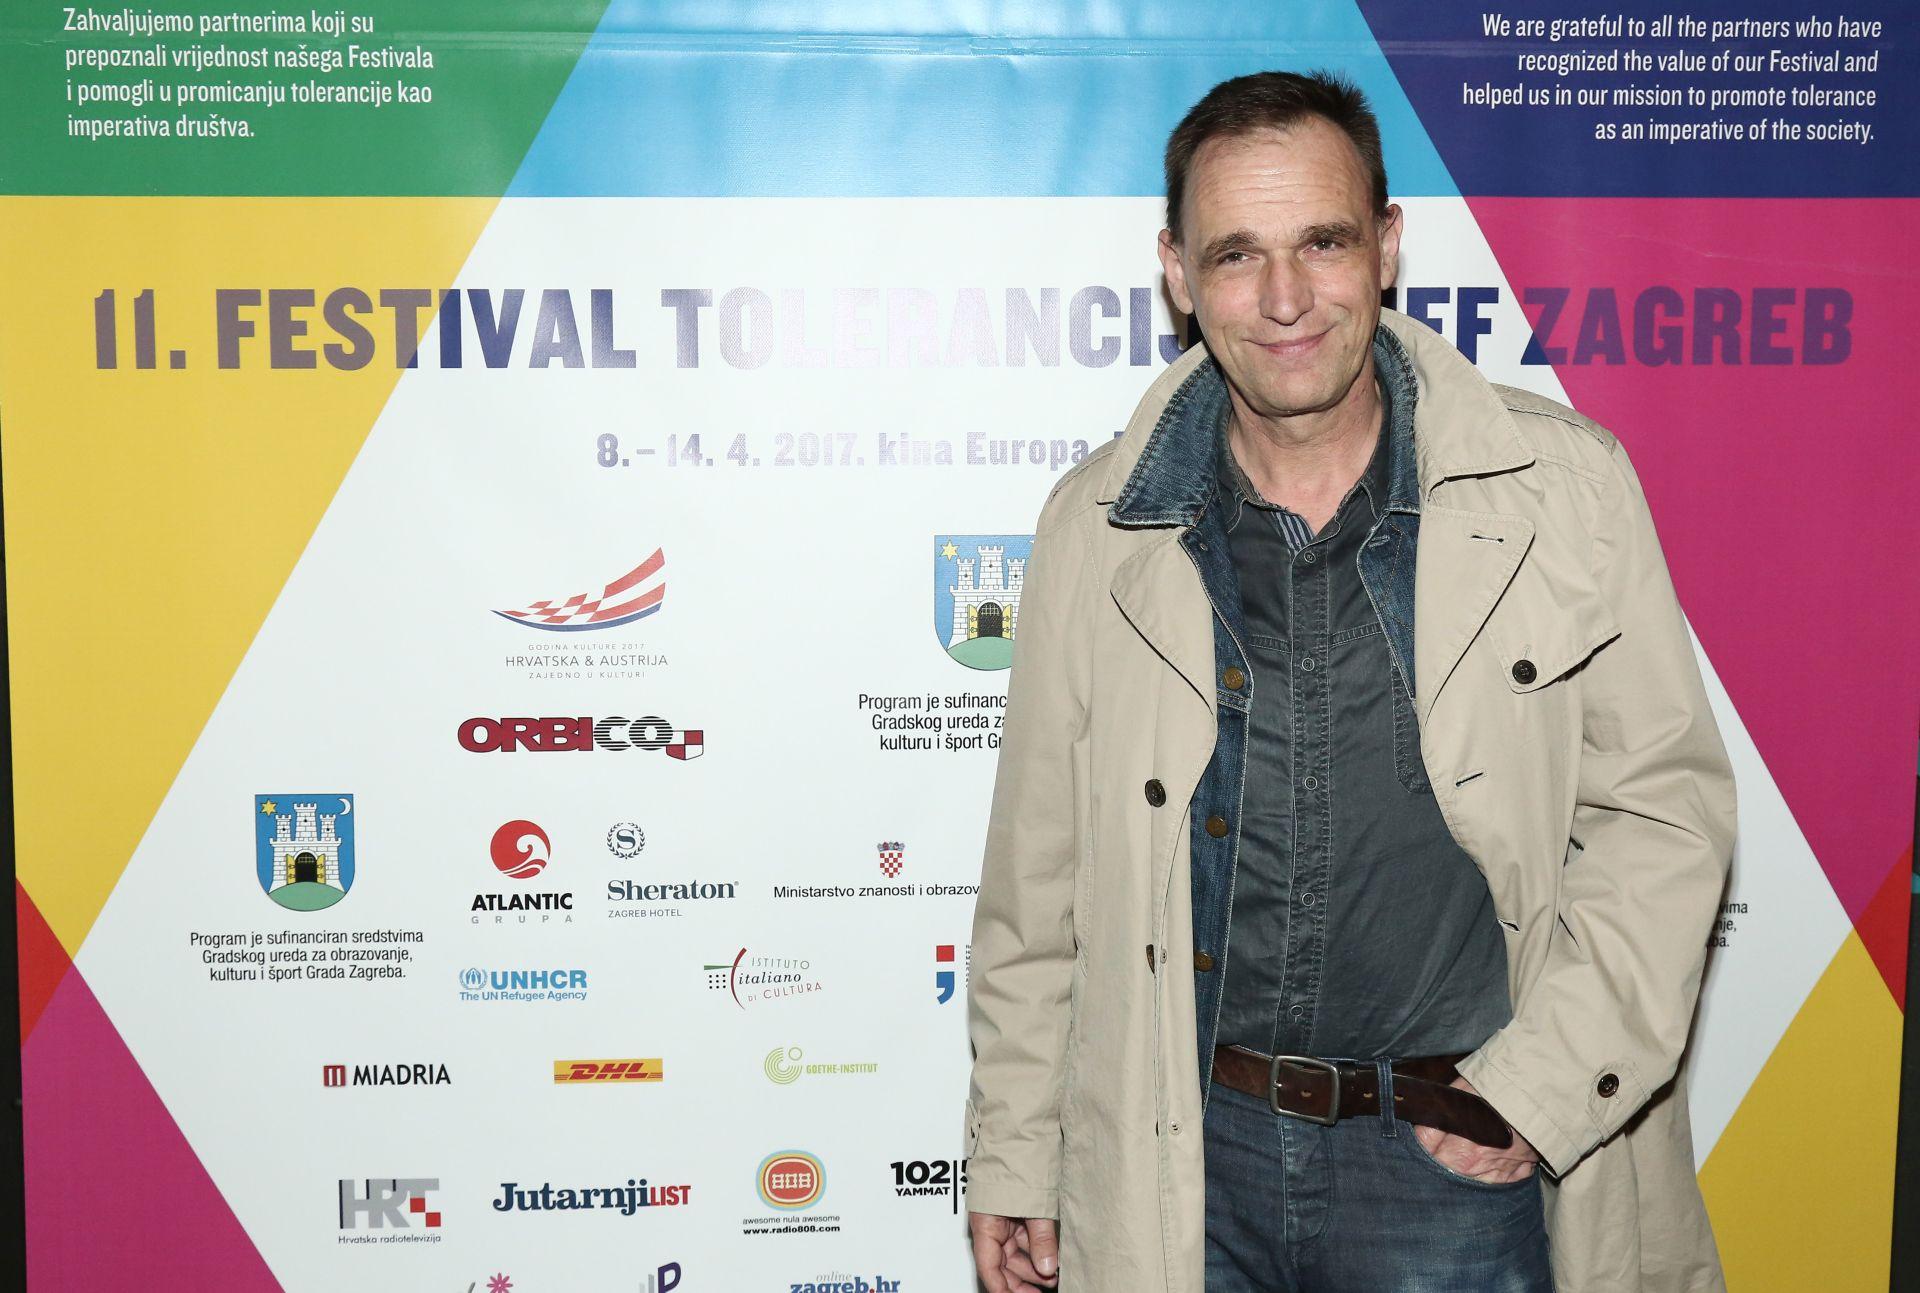 """Filmom """"Gol među vukovima"""" otvoren Festival tolerancije"""